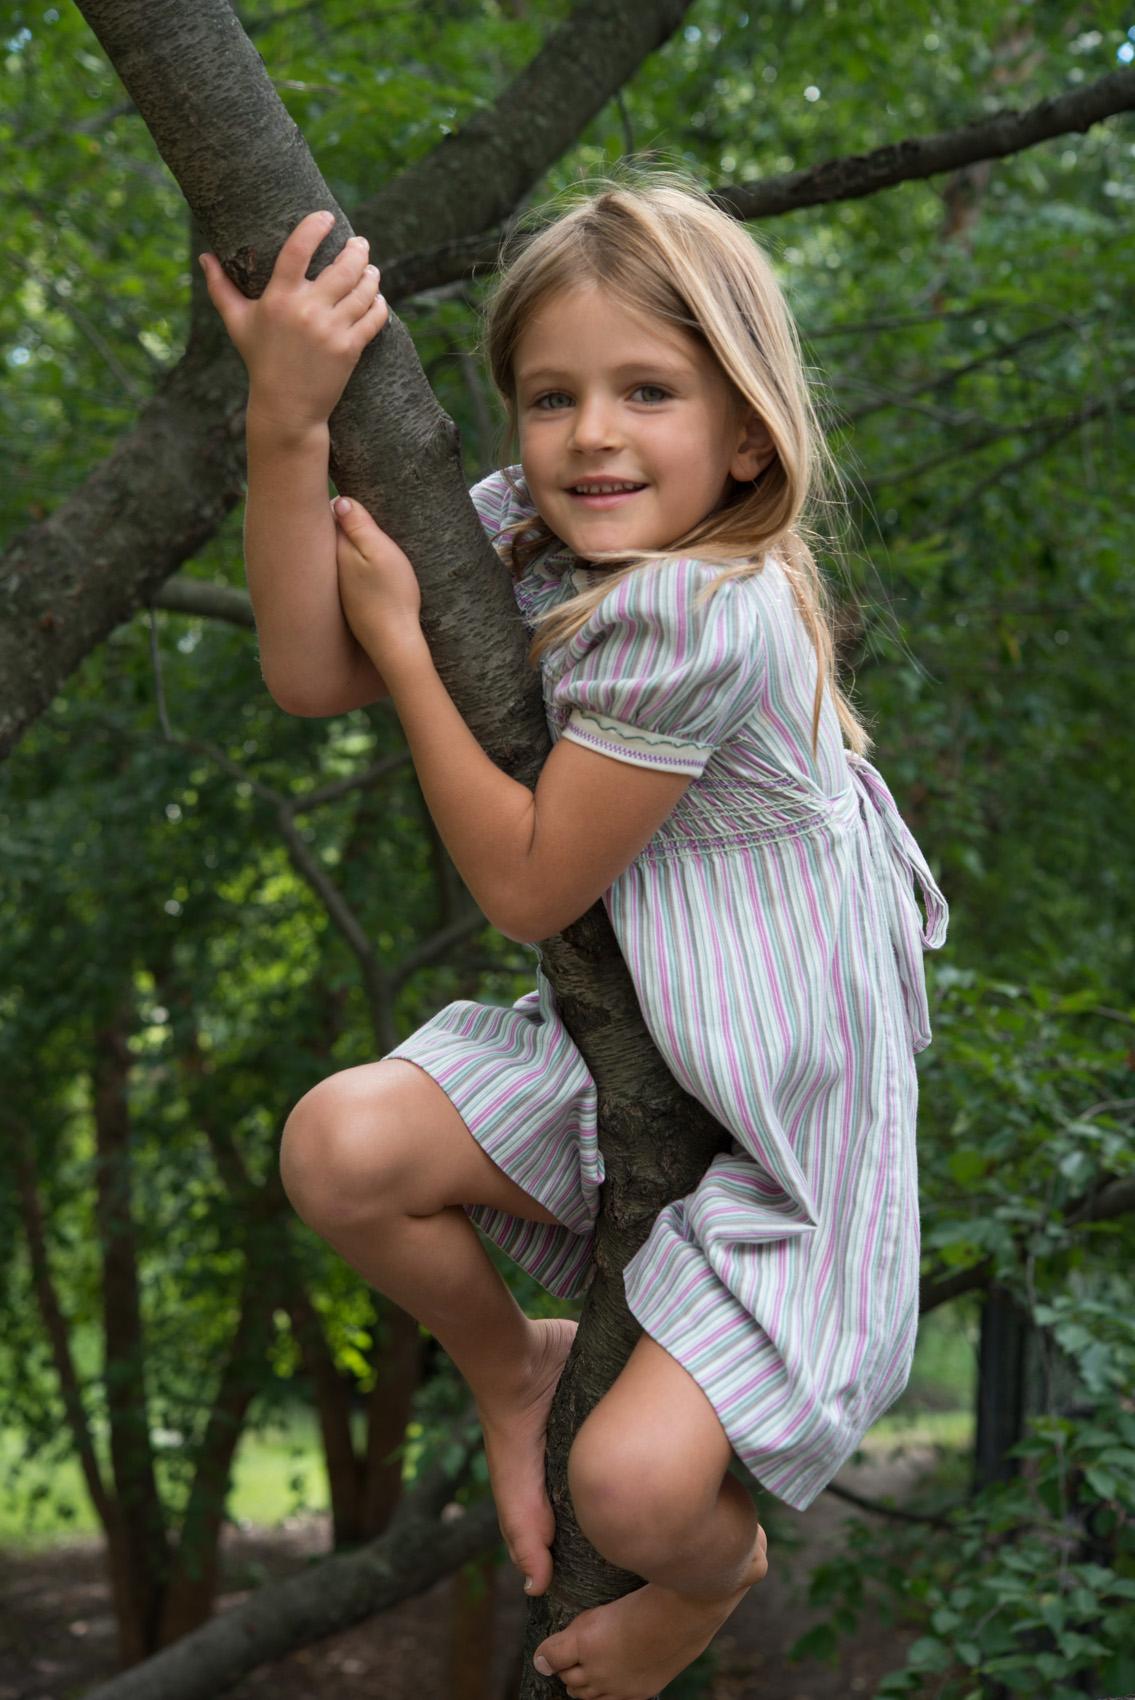 happy girl climing tree_DSC1740.jpg